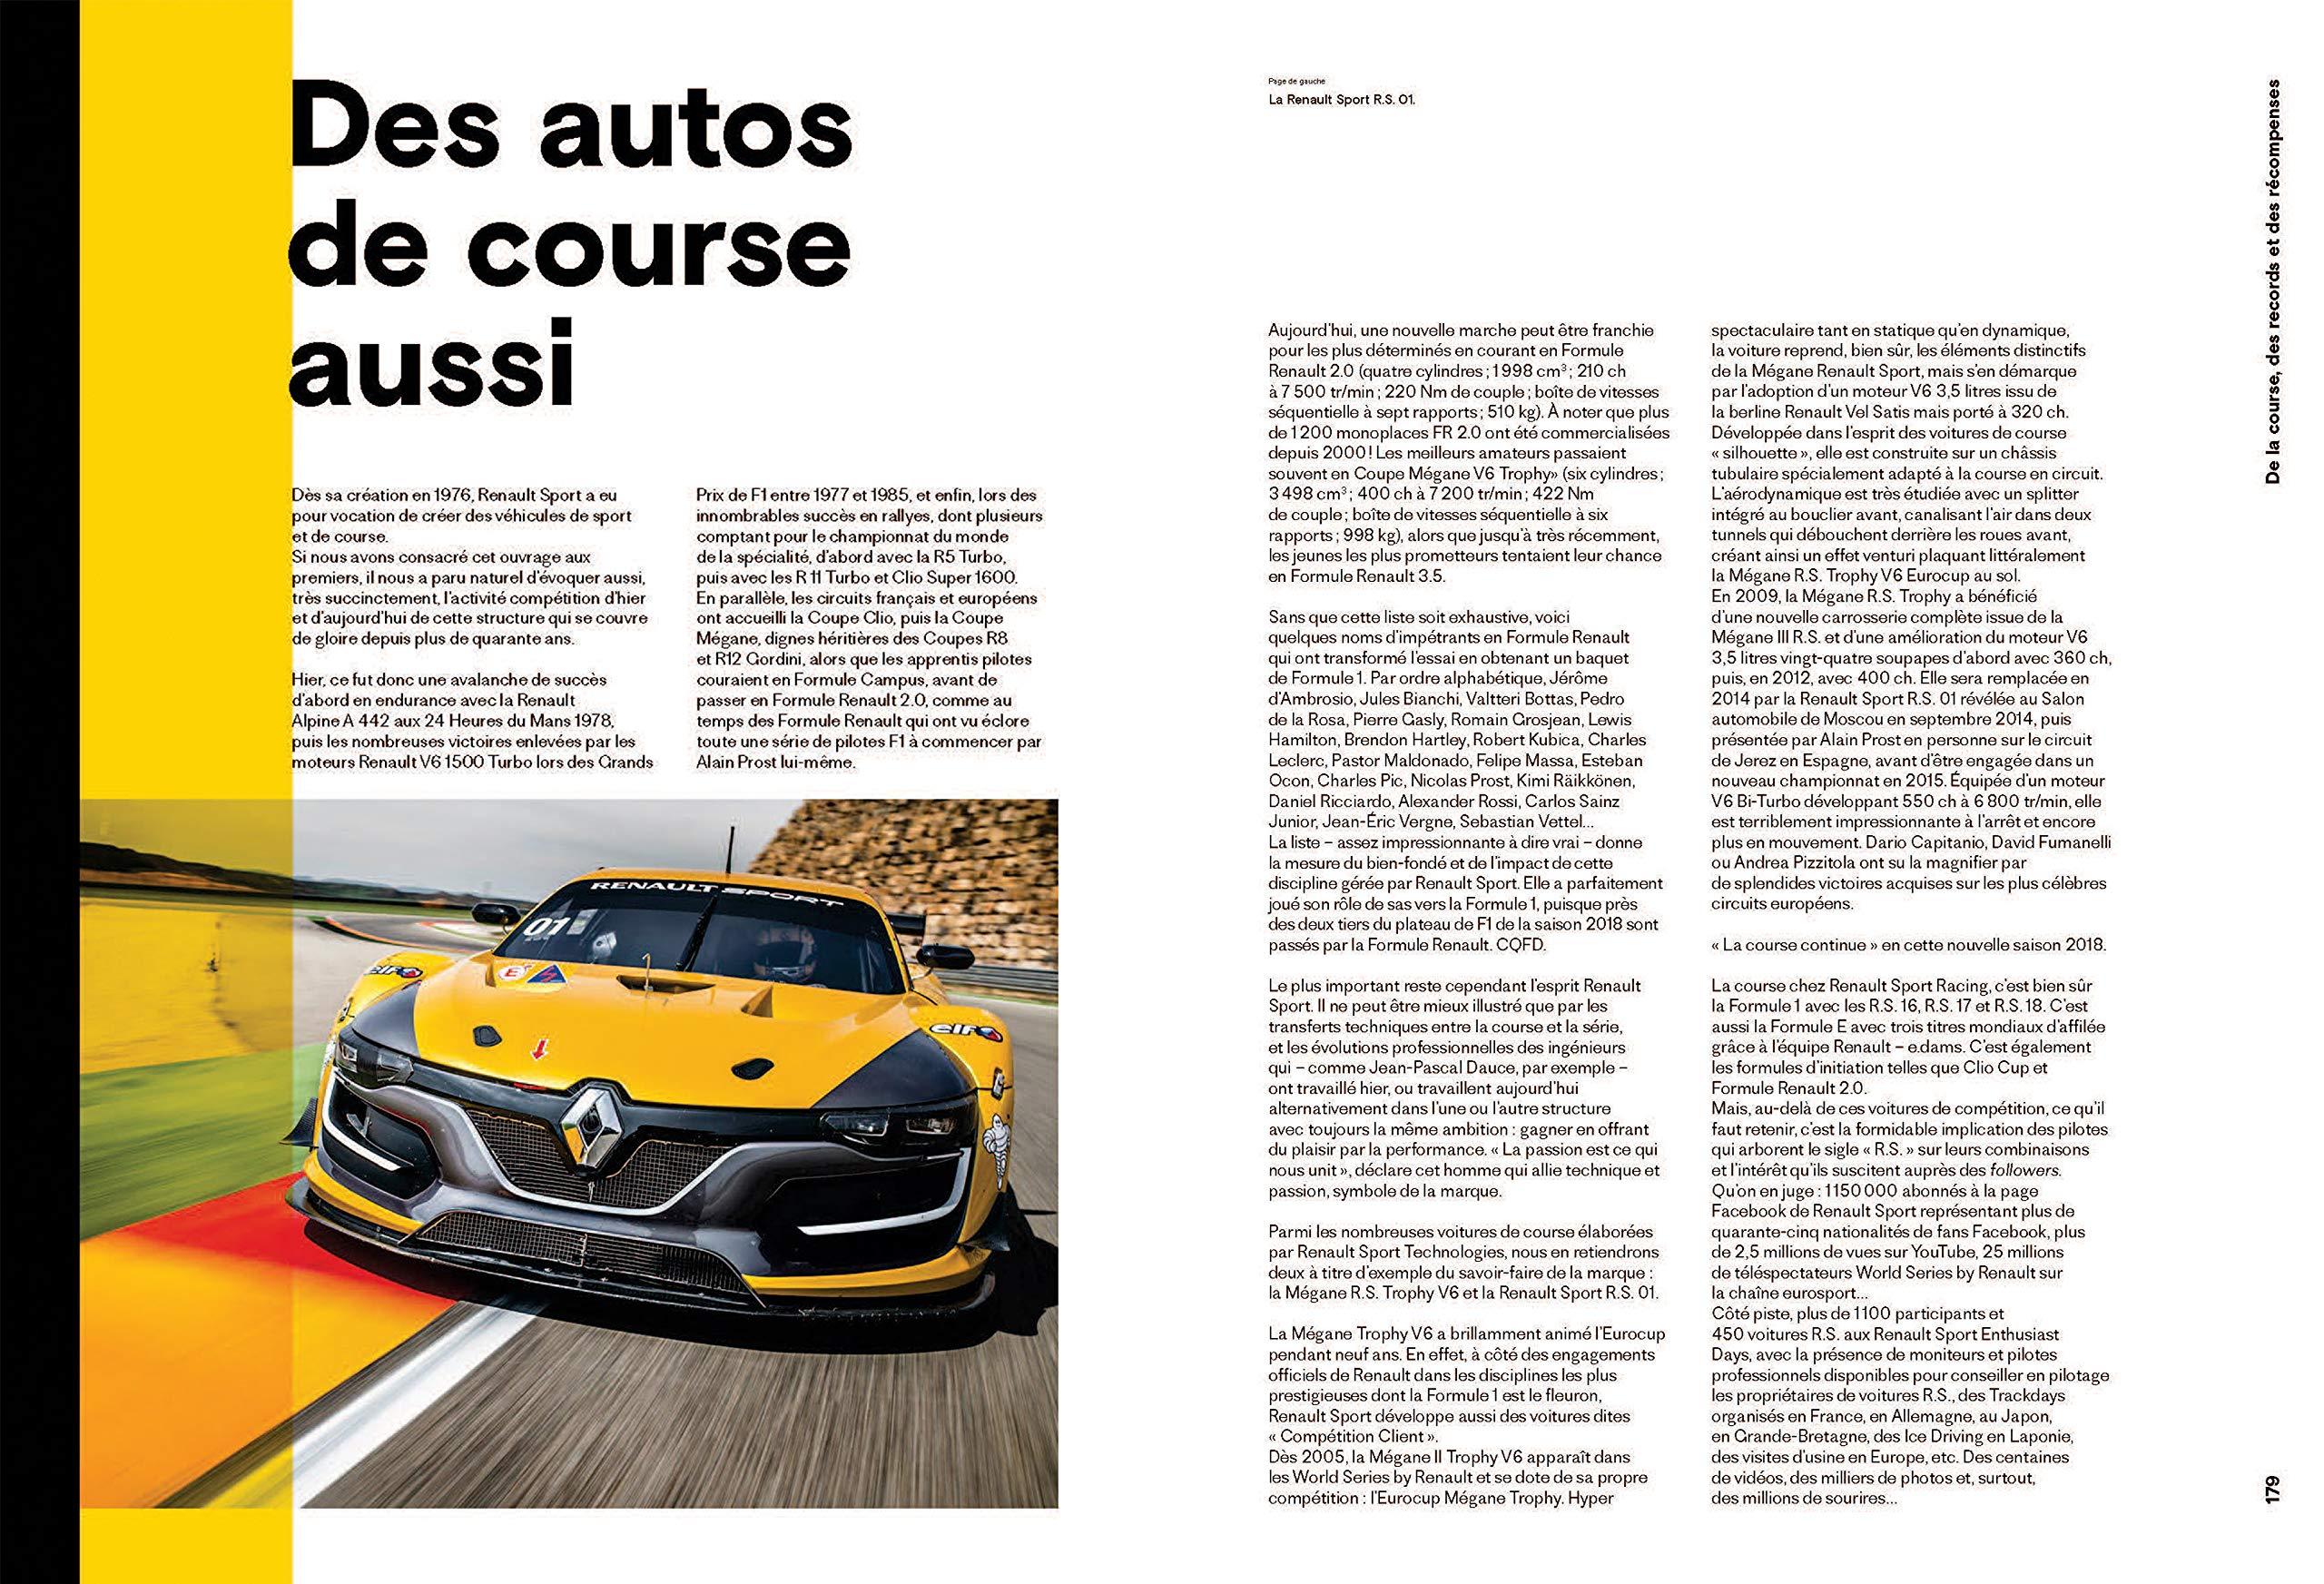 Renault sport - lesprit de la course au quotidien: Amazon.es: Fournier Jean-Luc: Libros en idiomas extranjeros